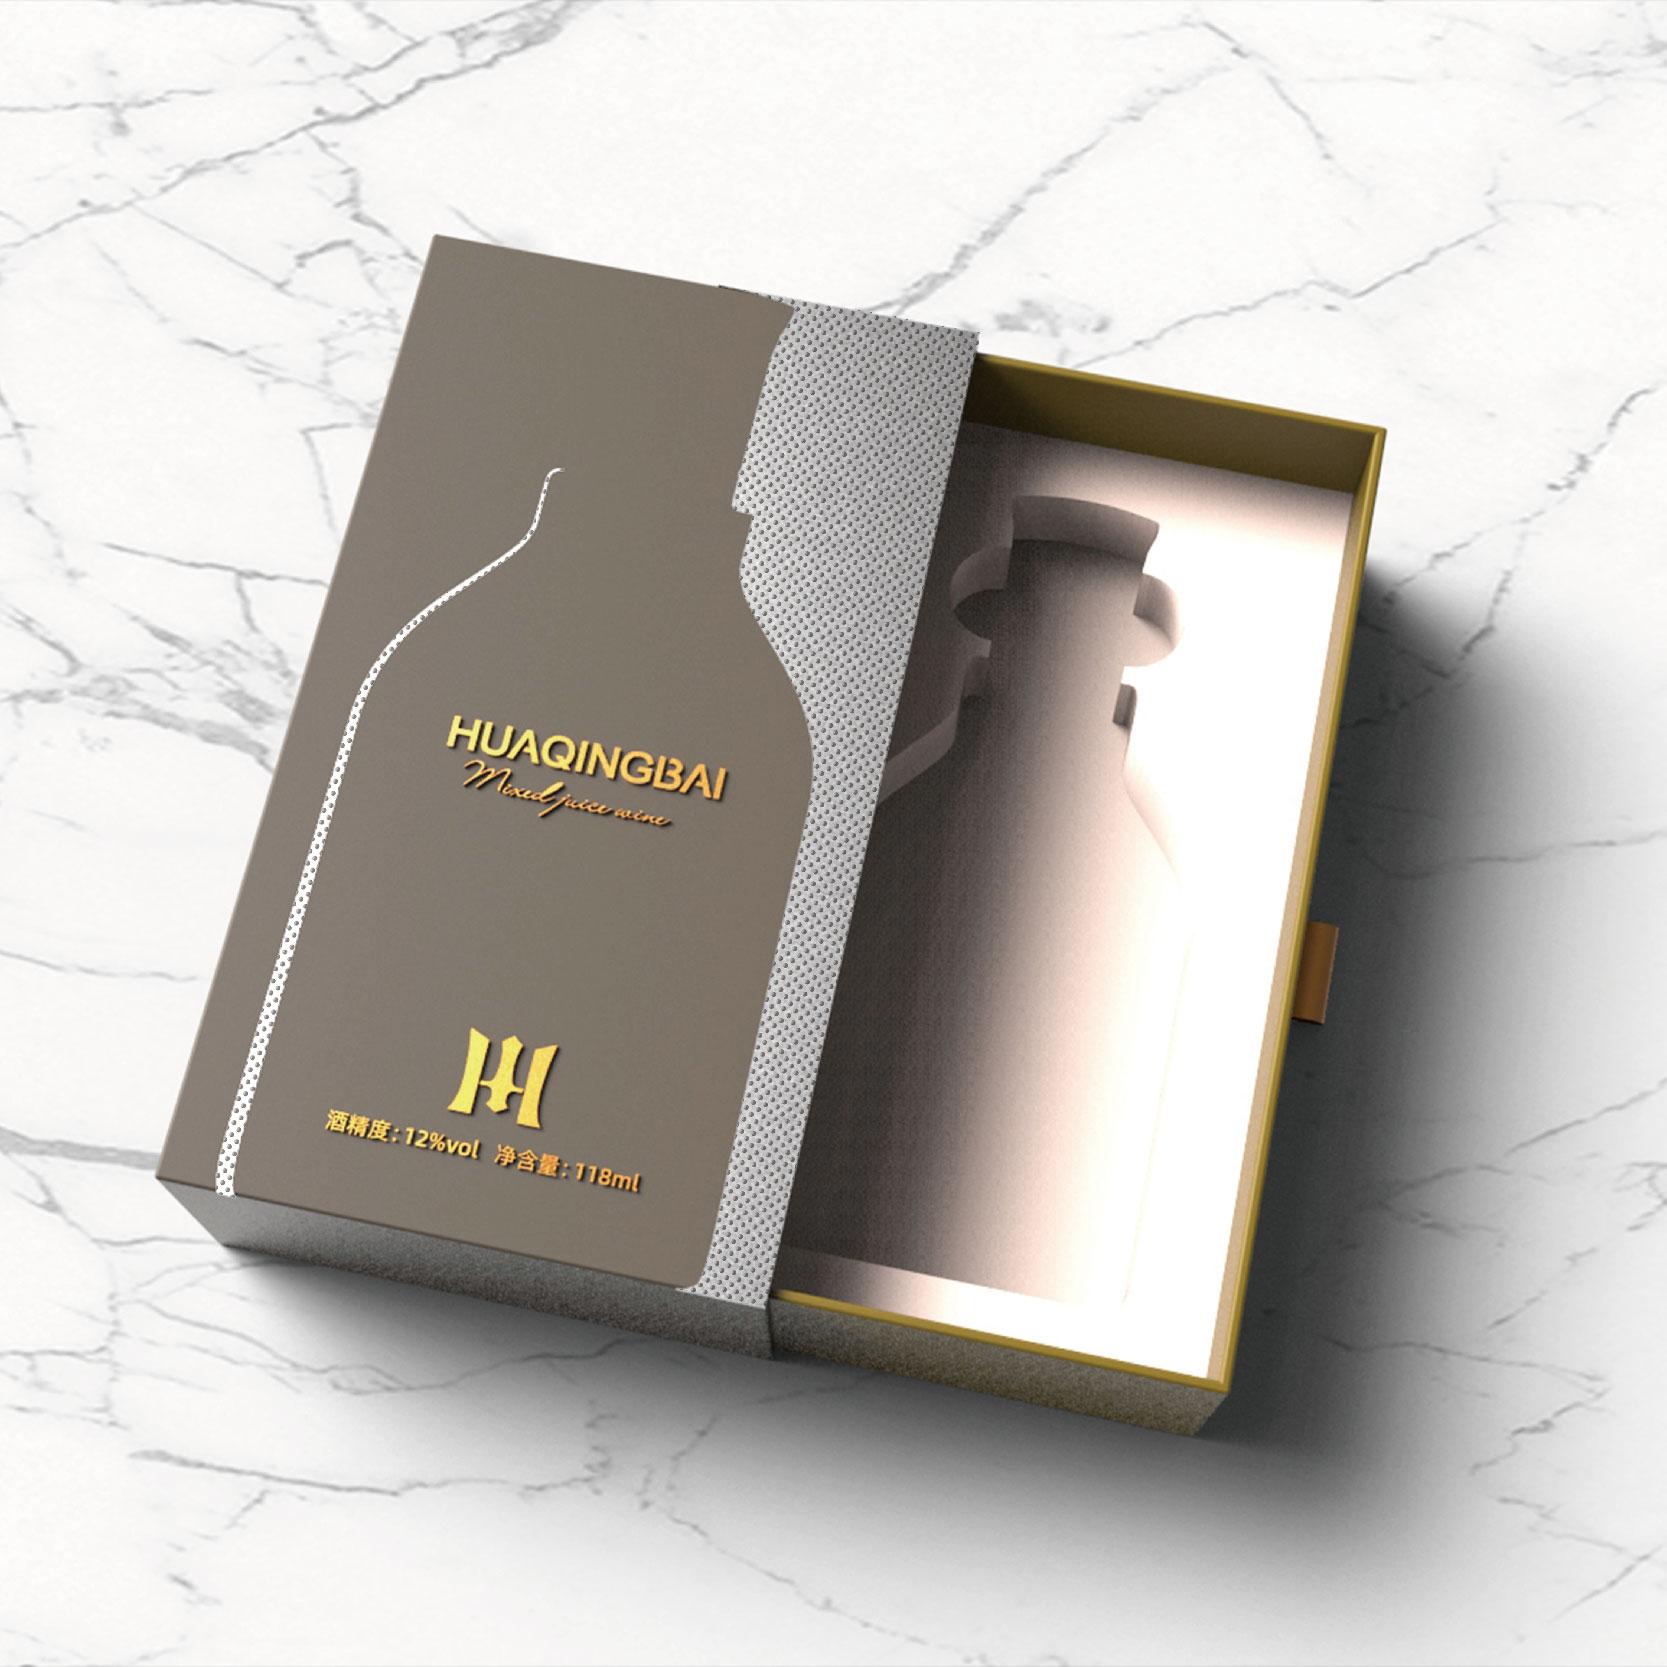 华清白酒包装设计